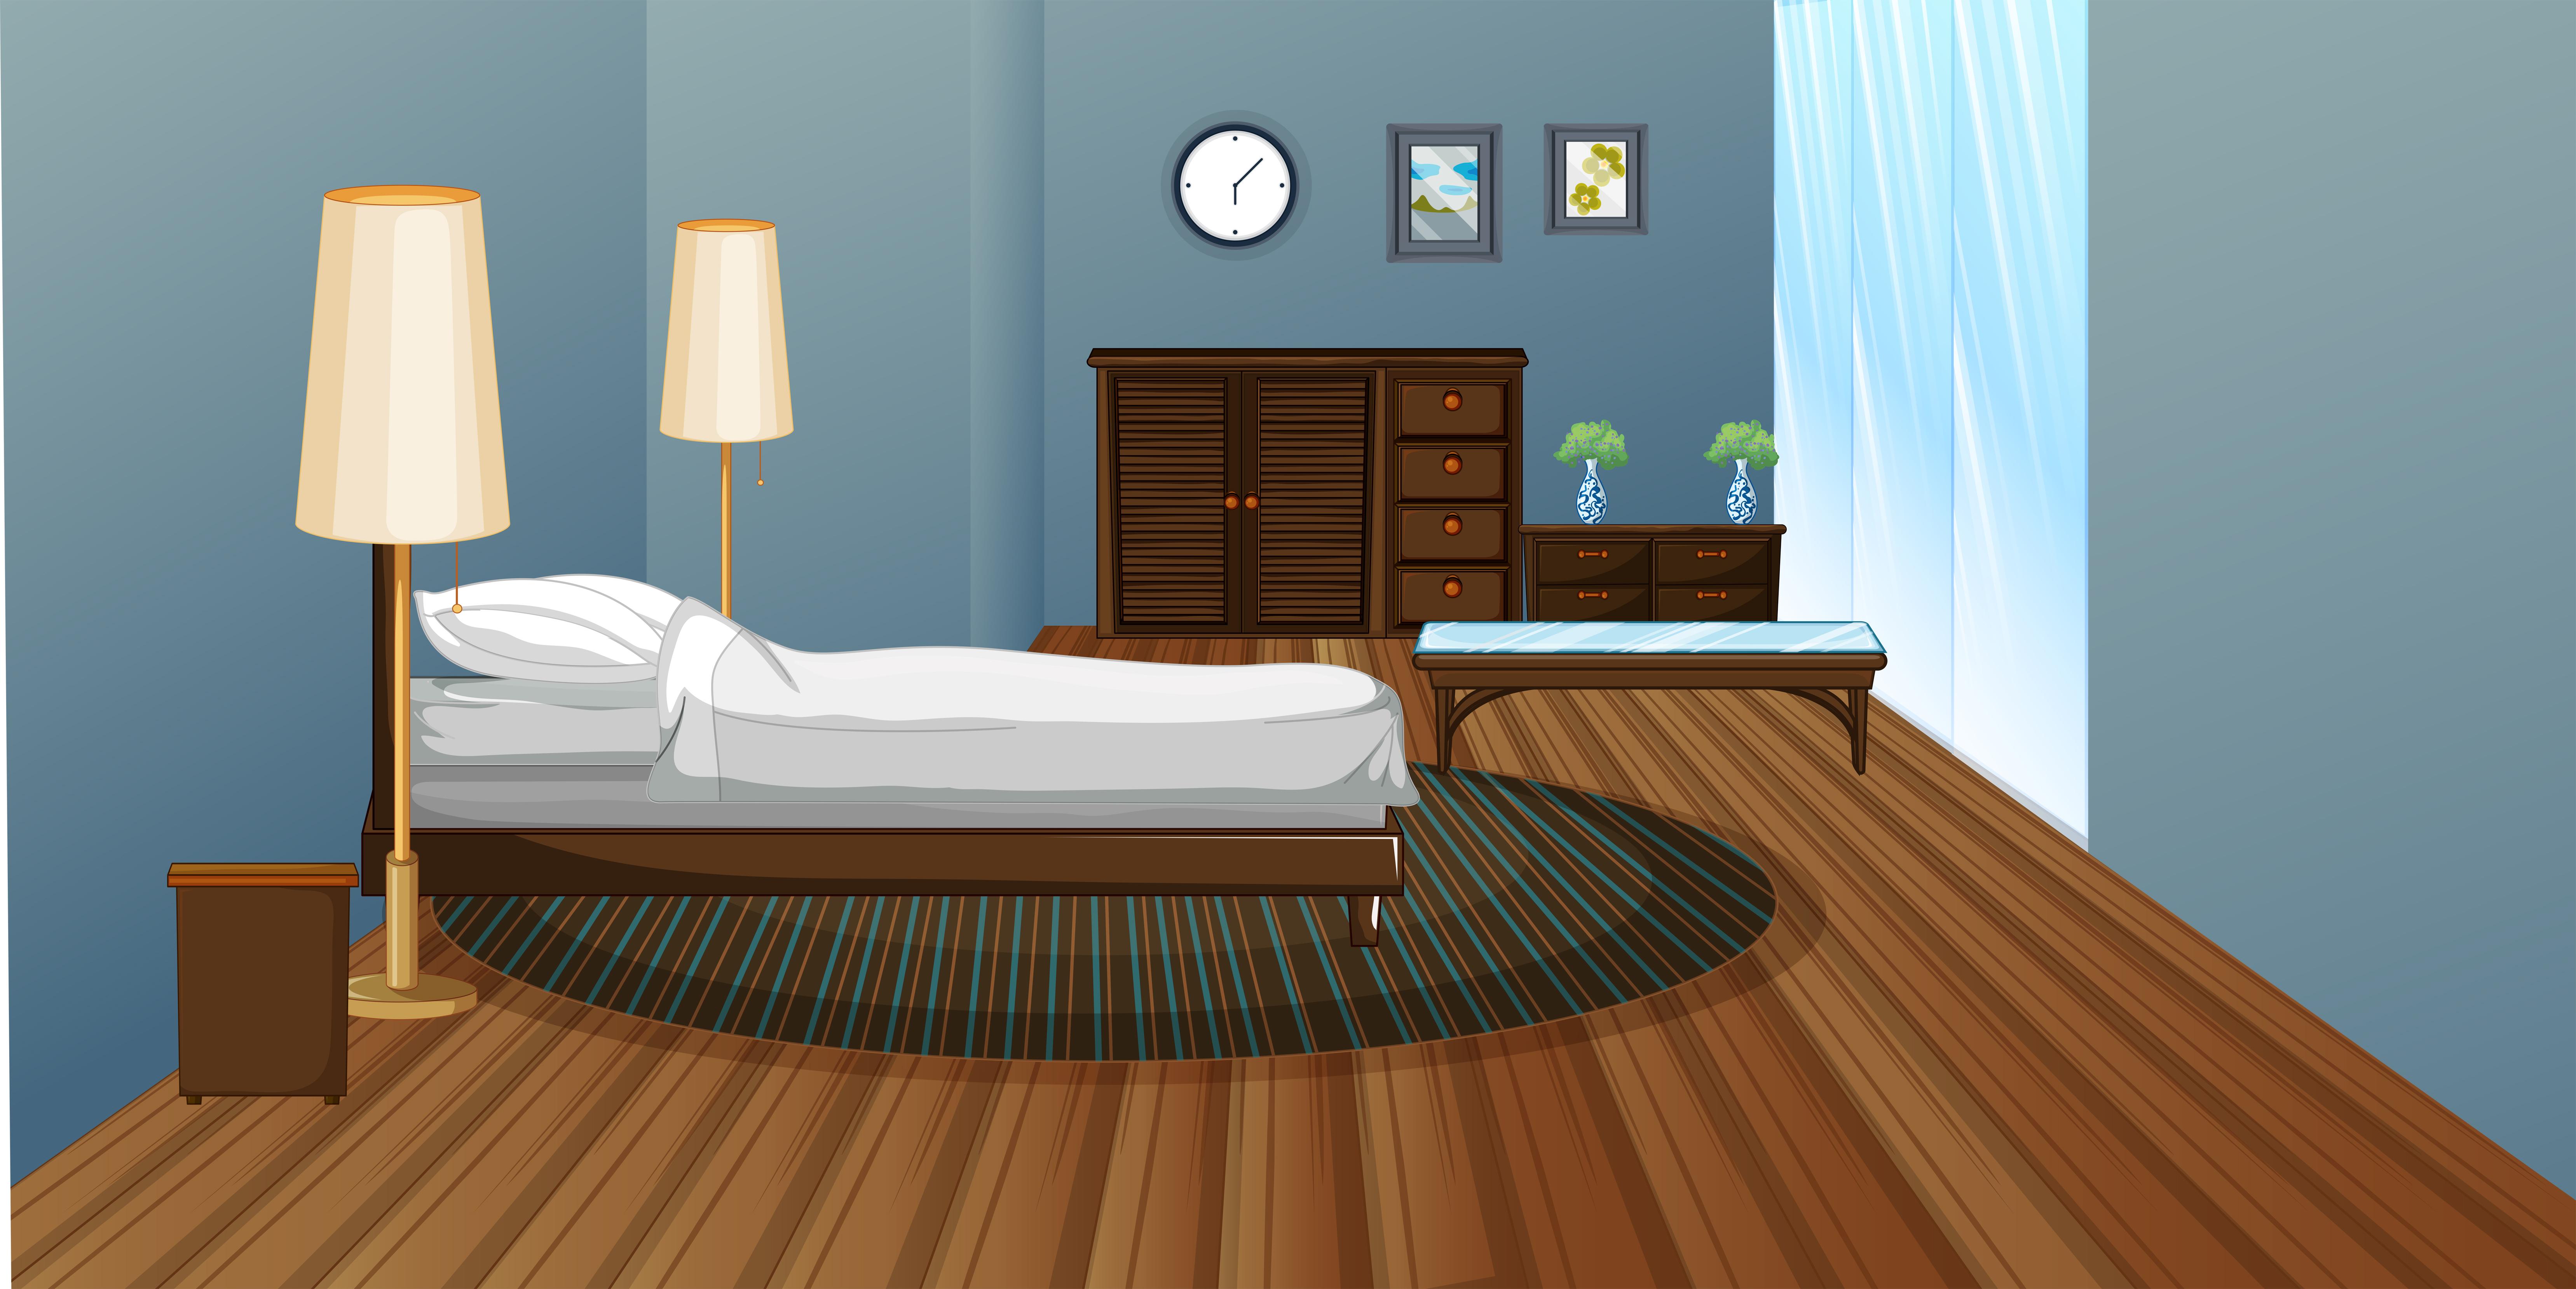 bedroom with wooden floor 446369  download free vectors